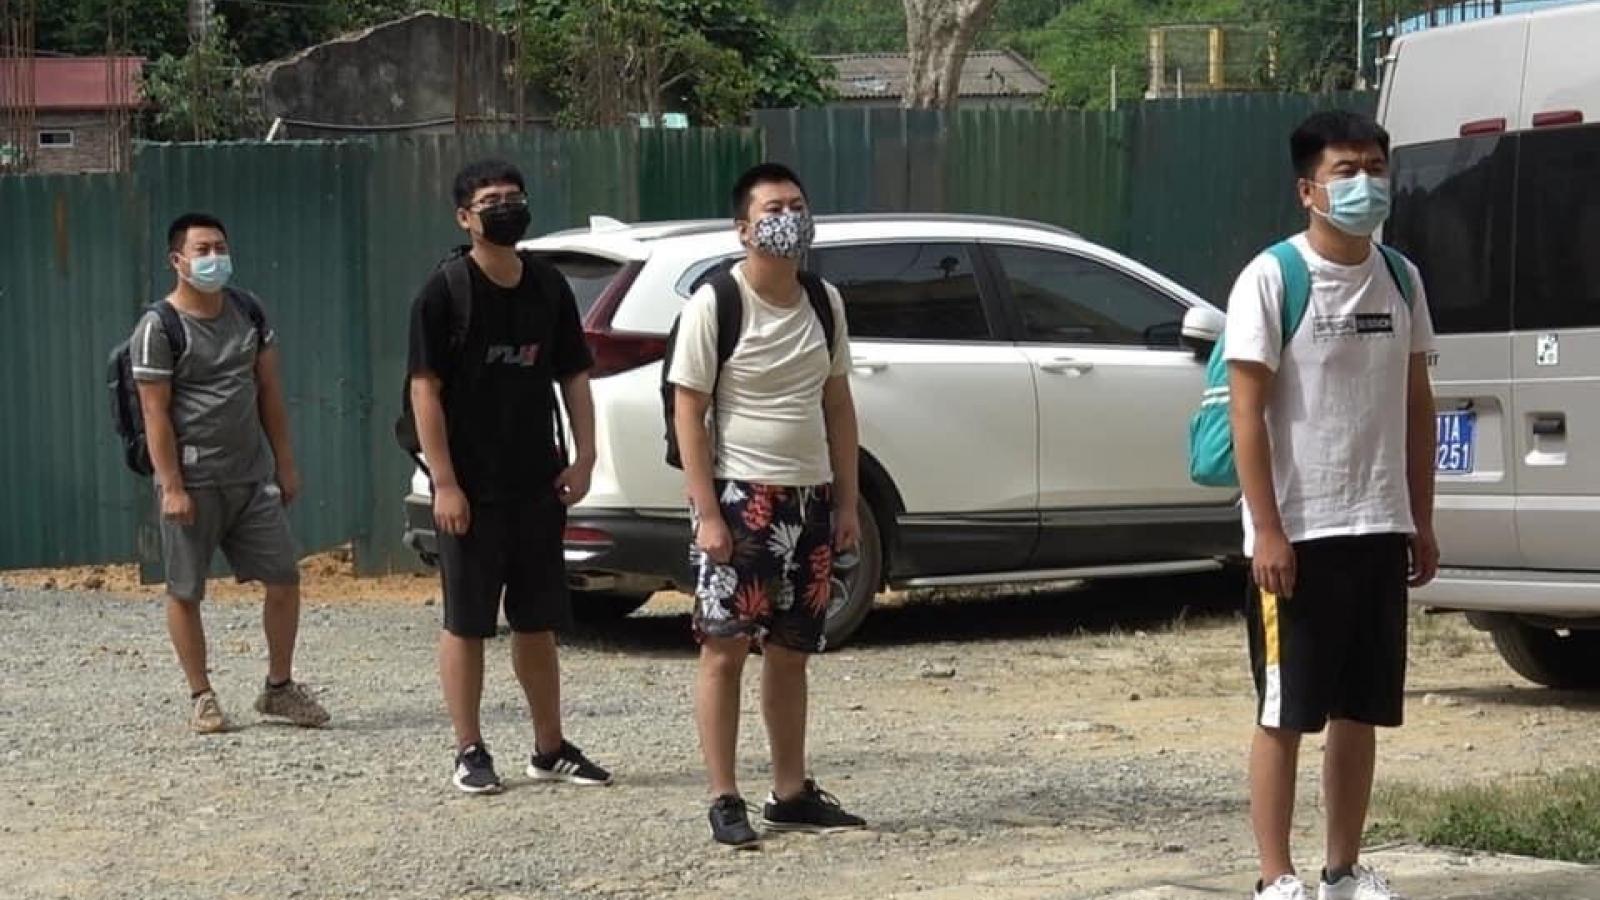 Trao trả 4 người Trung Quốc nhập cảnh trái phép vào Việt Nam